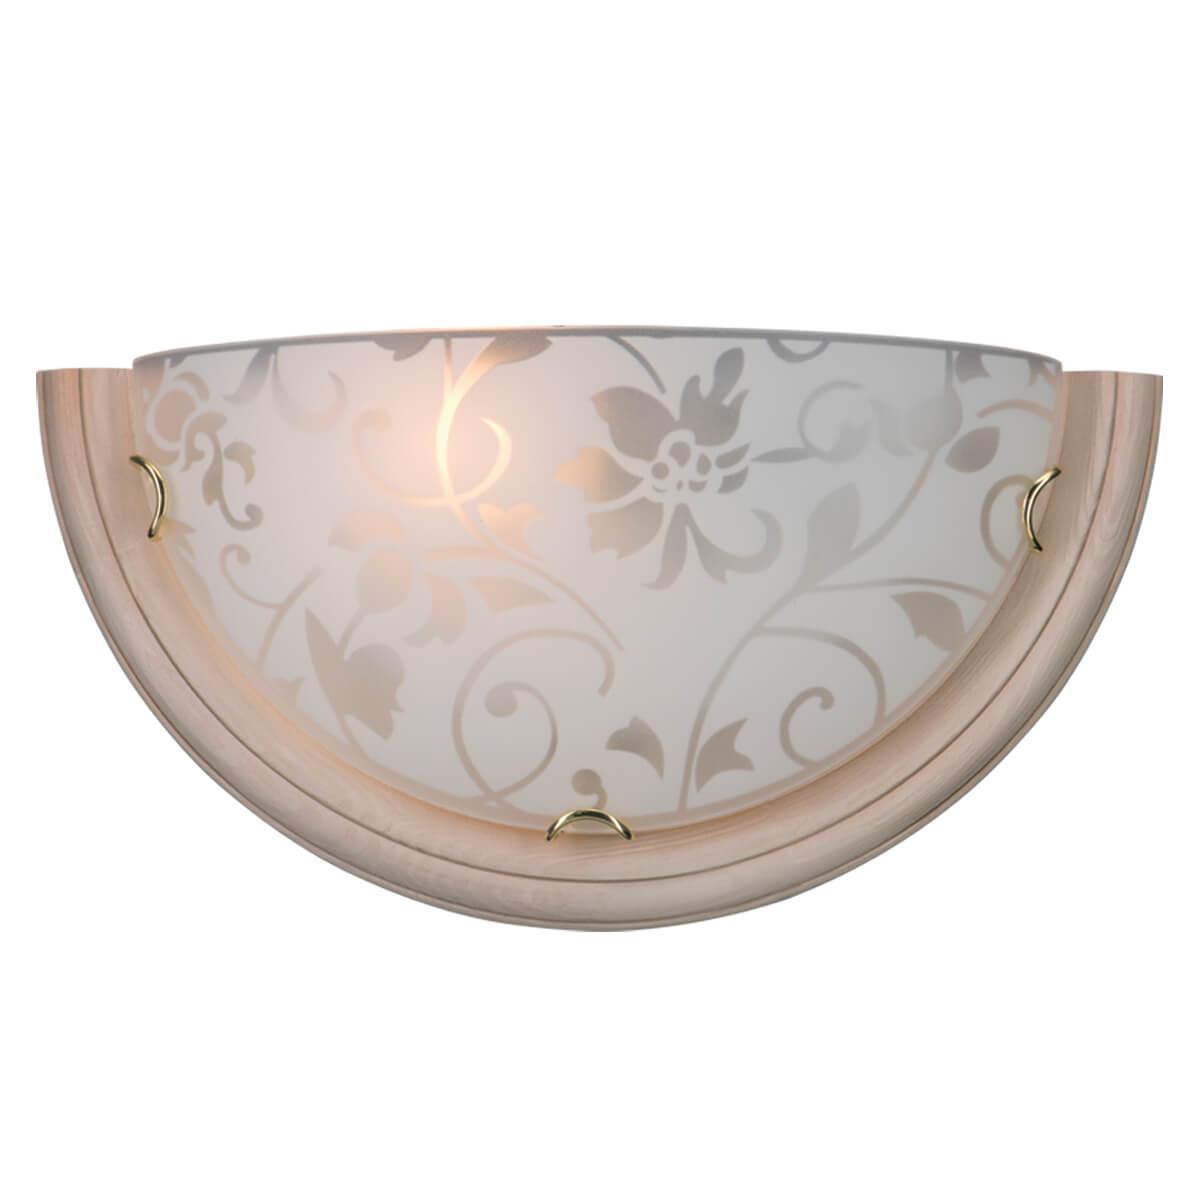 Настенный светильник Sonex Provence Crema 056 цена 2017